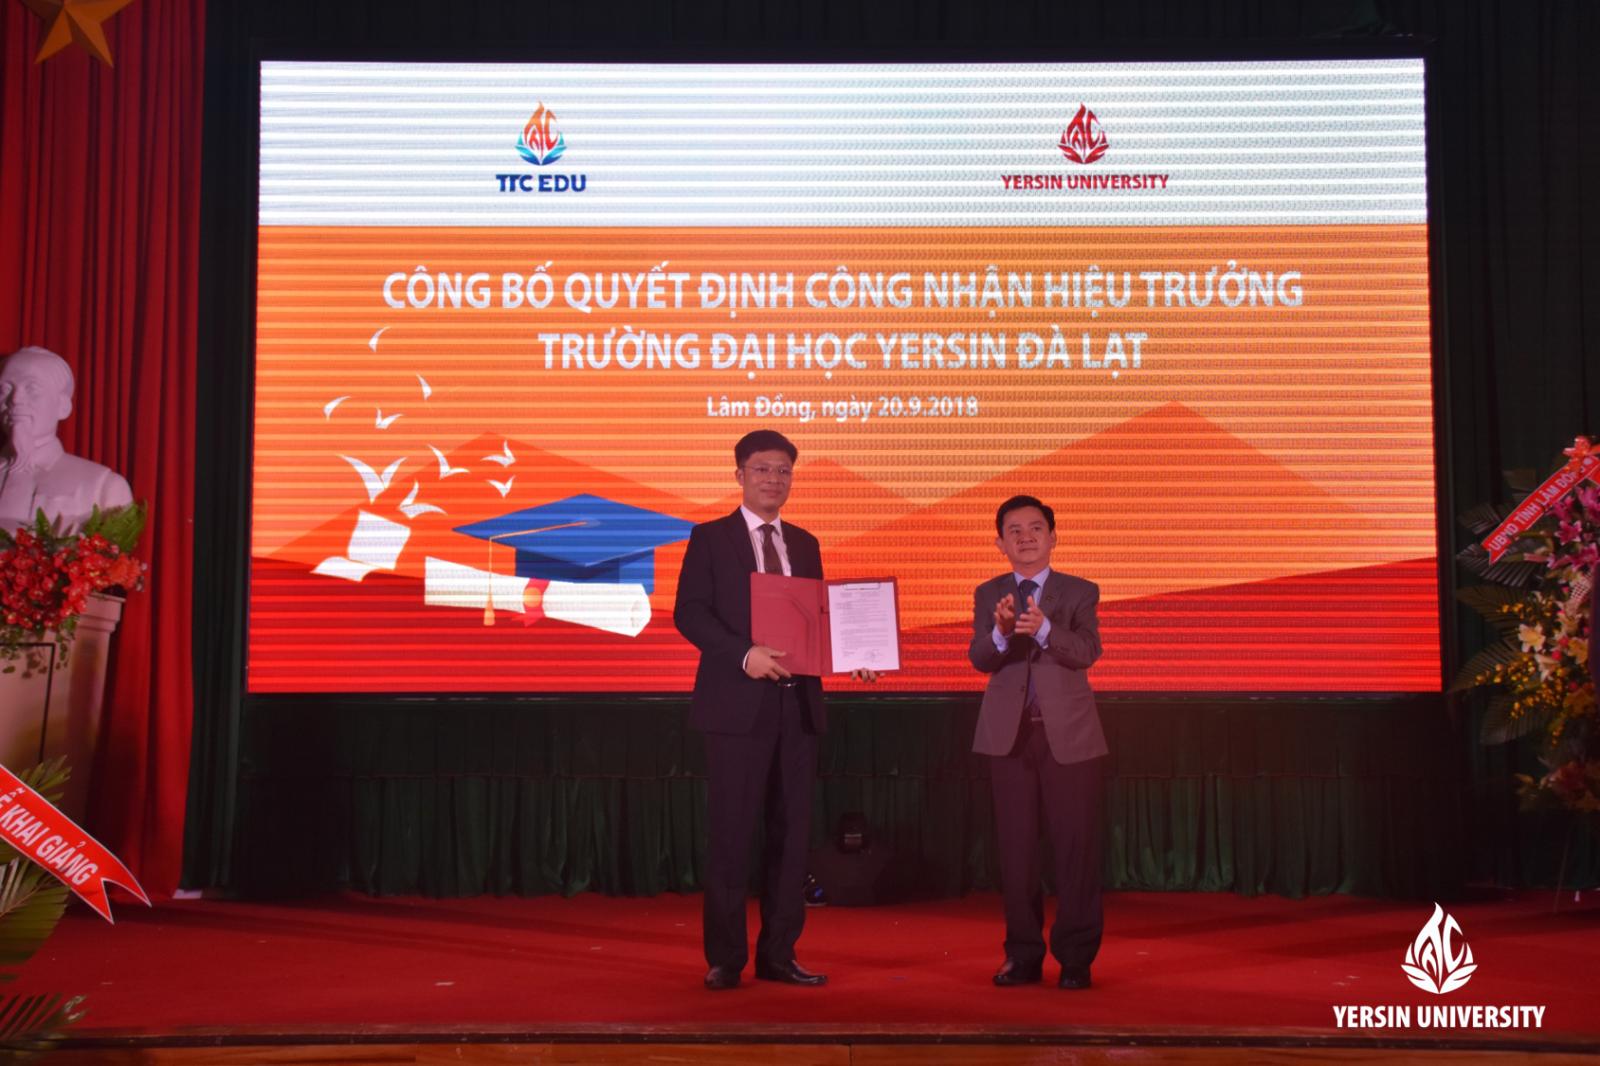 Ông Phan Văn Đa - Tỉnh ủy viên, Phó Chủ tịch UBND tỉnh Lâm Đồng trao Quyết định công nhận Hiệu trưởng trường Đại học Yersin Đà Lạt cho TS. Phạm Đình Trung